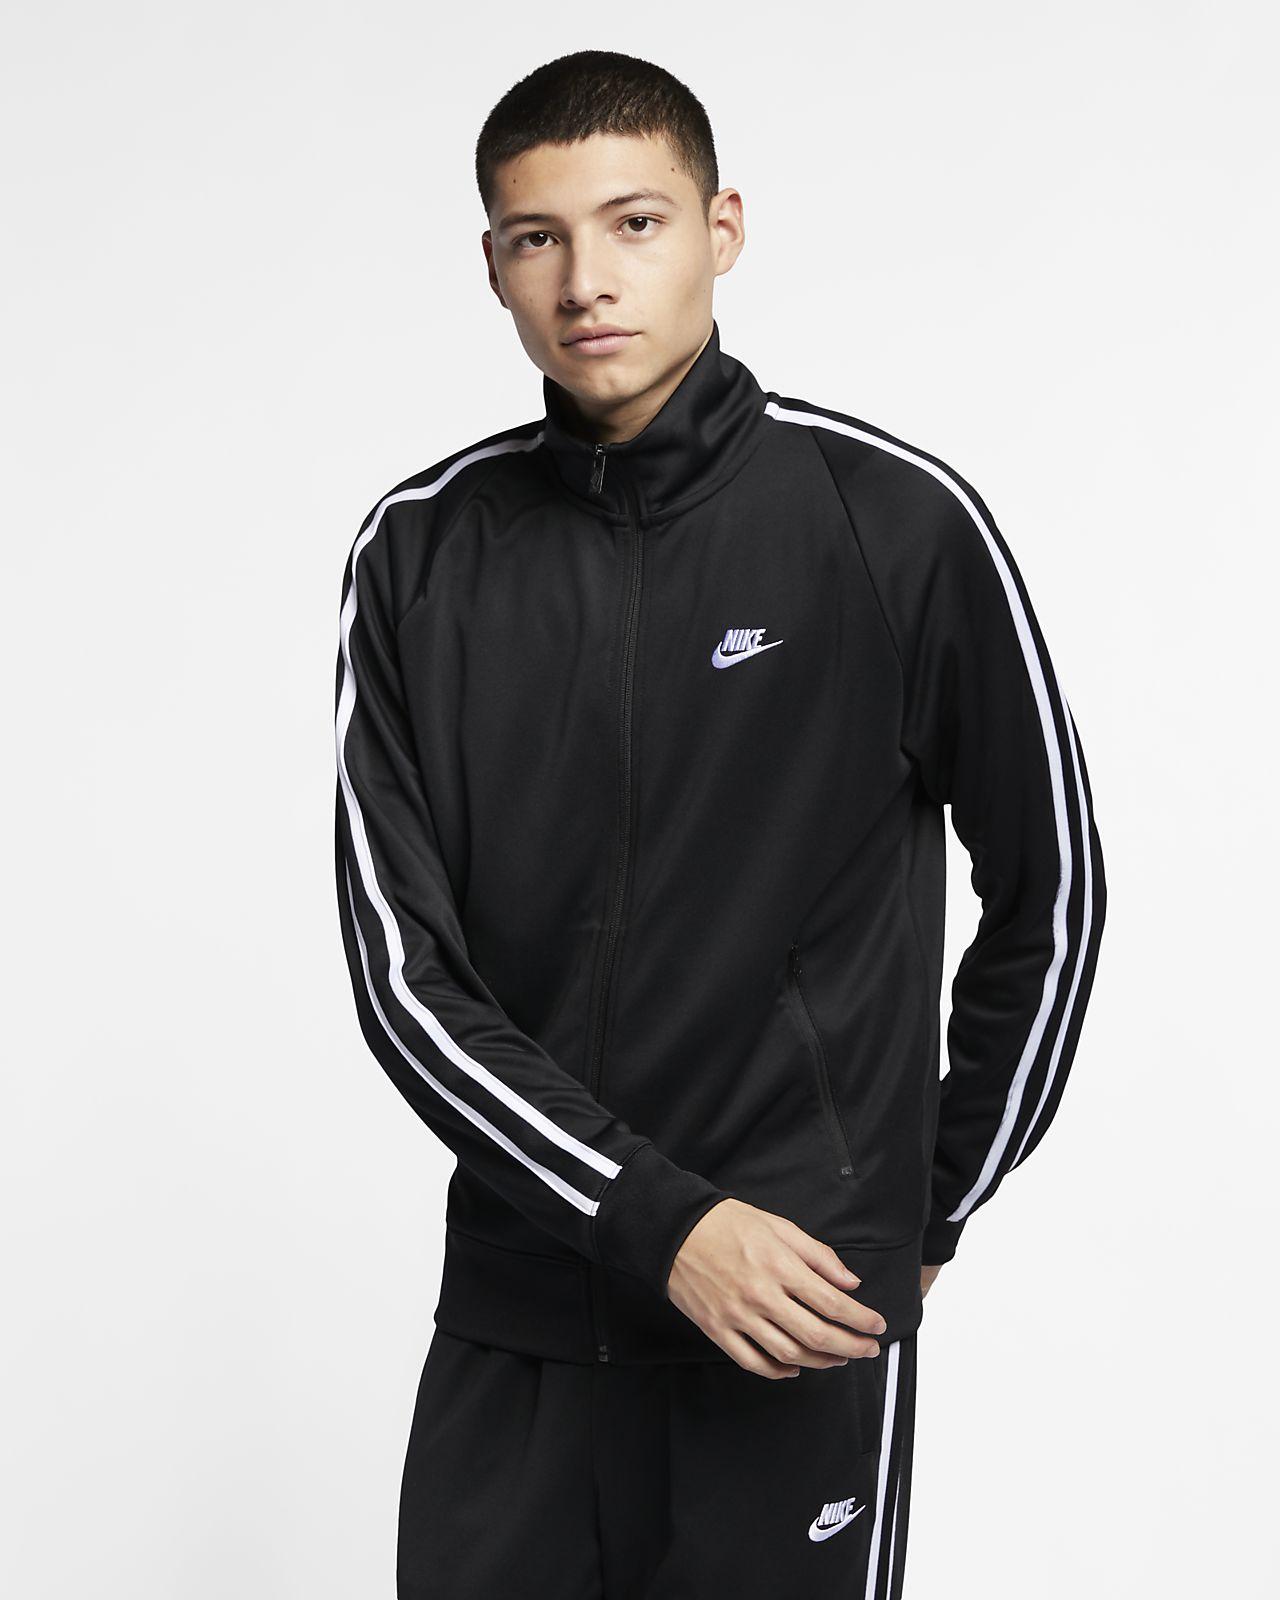 Nike Sportswear N98 Men's Jacket